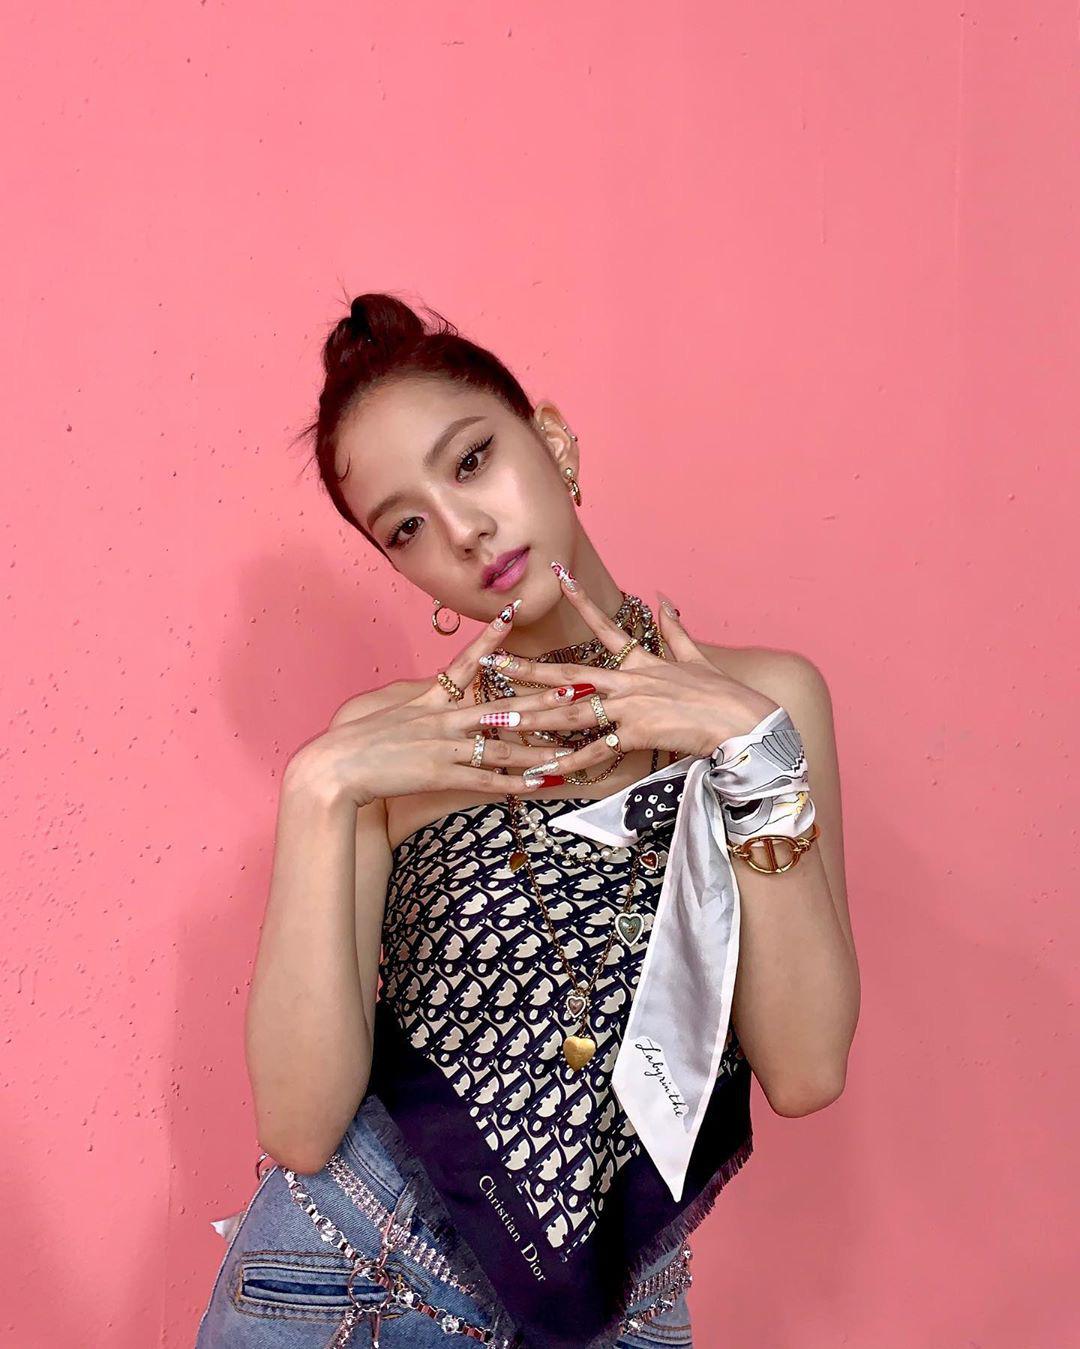 Lên đồ gần như giống hệt nhau, Minh Hằng vẫn hiền khô so với Hoa hậu Jisoo - Ảnh 2.